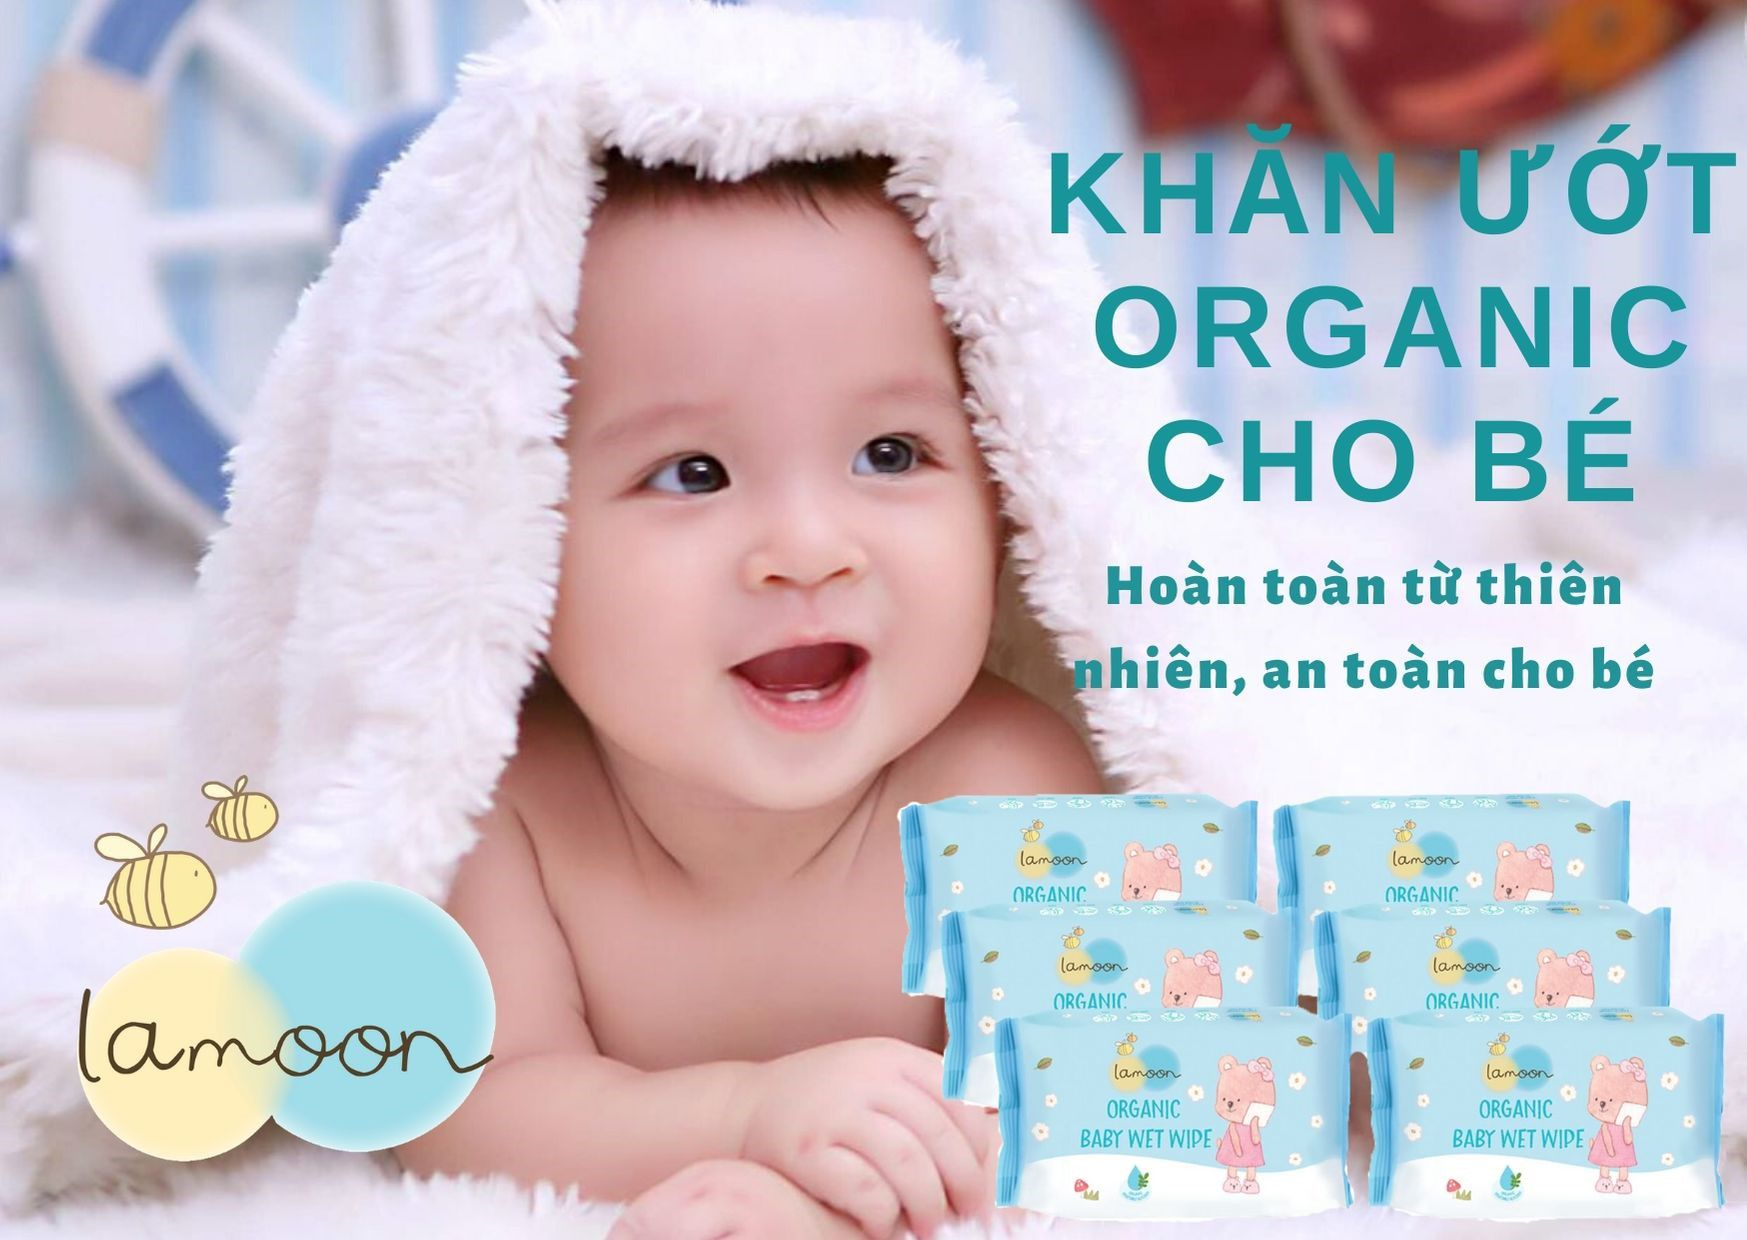 Combo 6 bịch khăn ướt du lịch Organic cho bé Lamoon - Loại 20 miếng/bịch